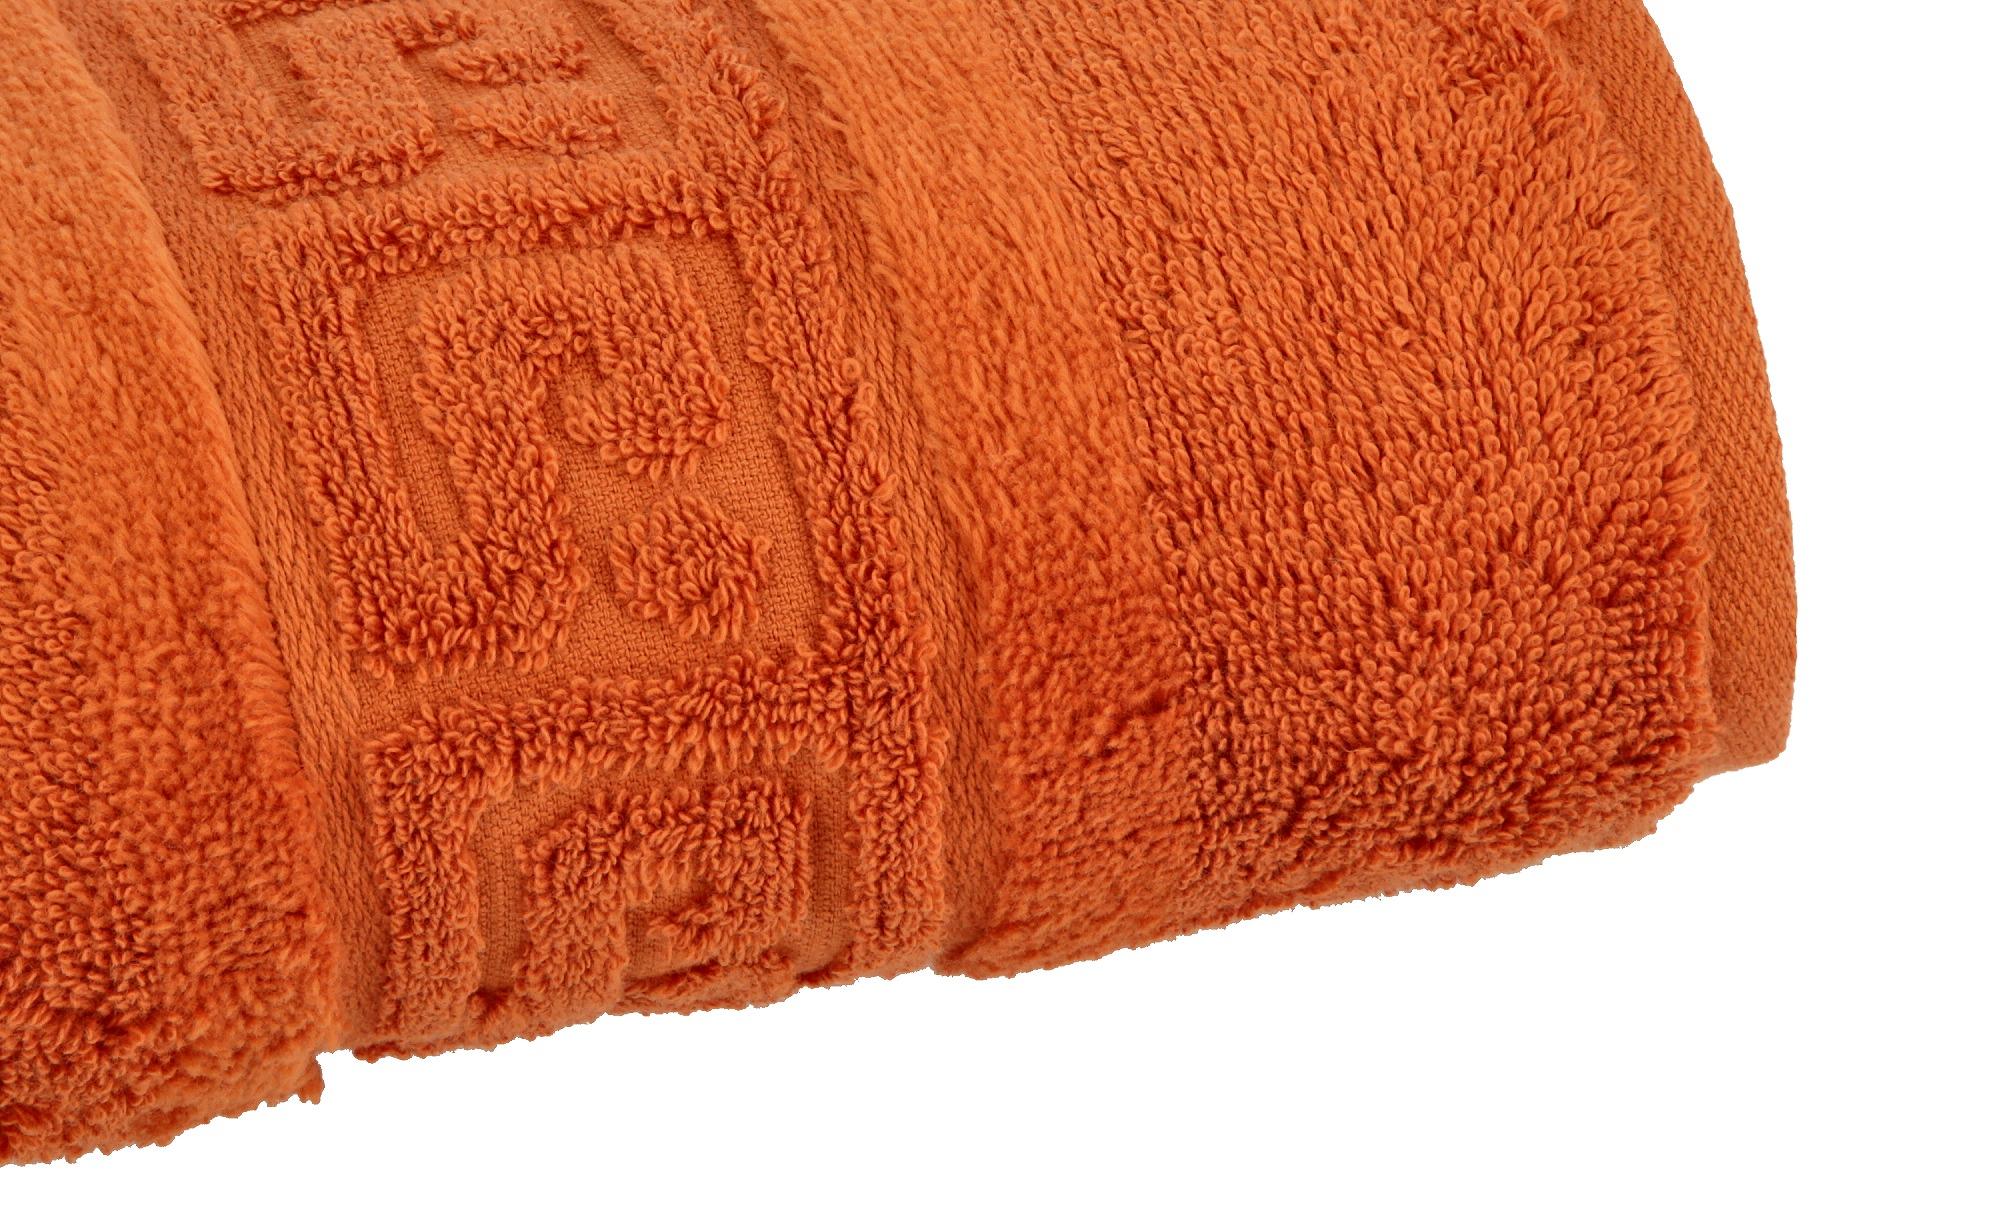 CaWö Duschtuch  1001 ¦ orange ¦ 100% Baumwolle ¦ Maße (cm): B: 80 Badtextilien und Zubehör > Handtücher & Badetücher > Duschtücher - Höffner